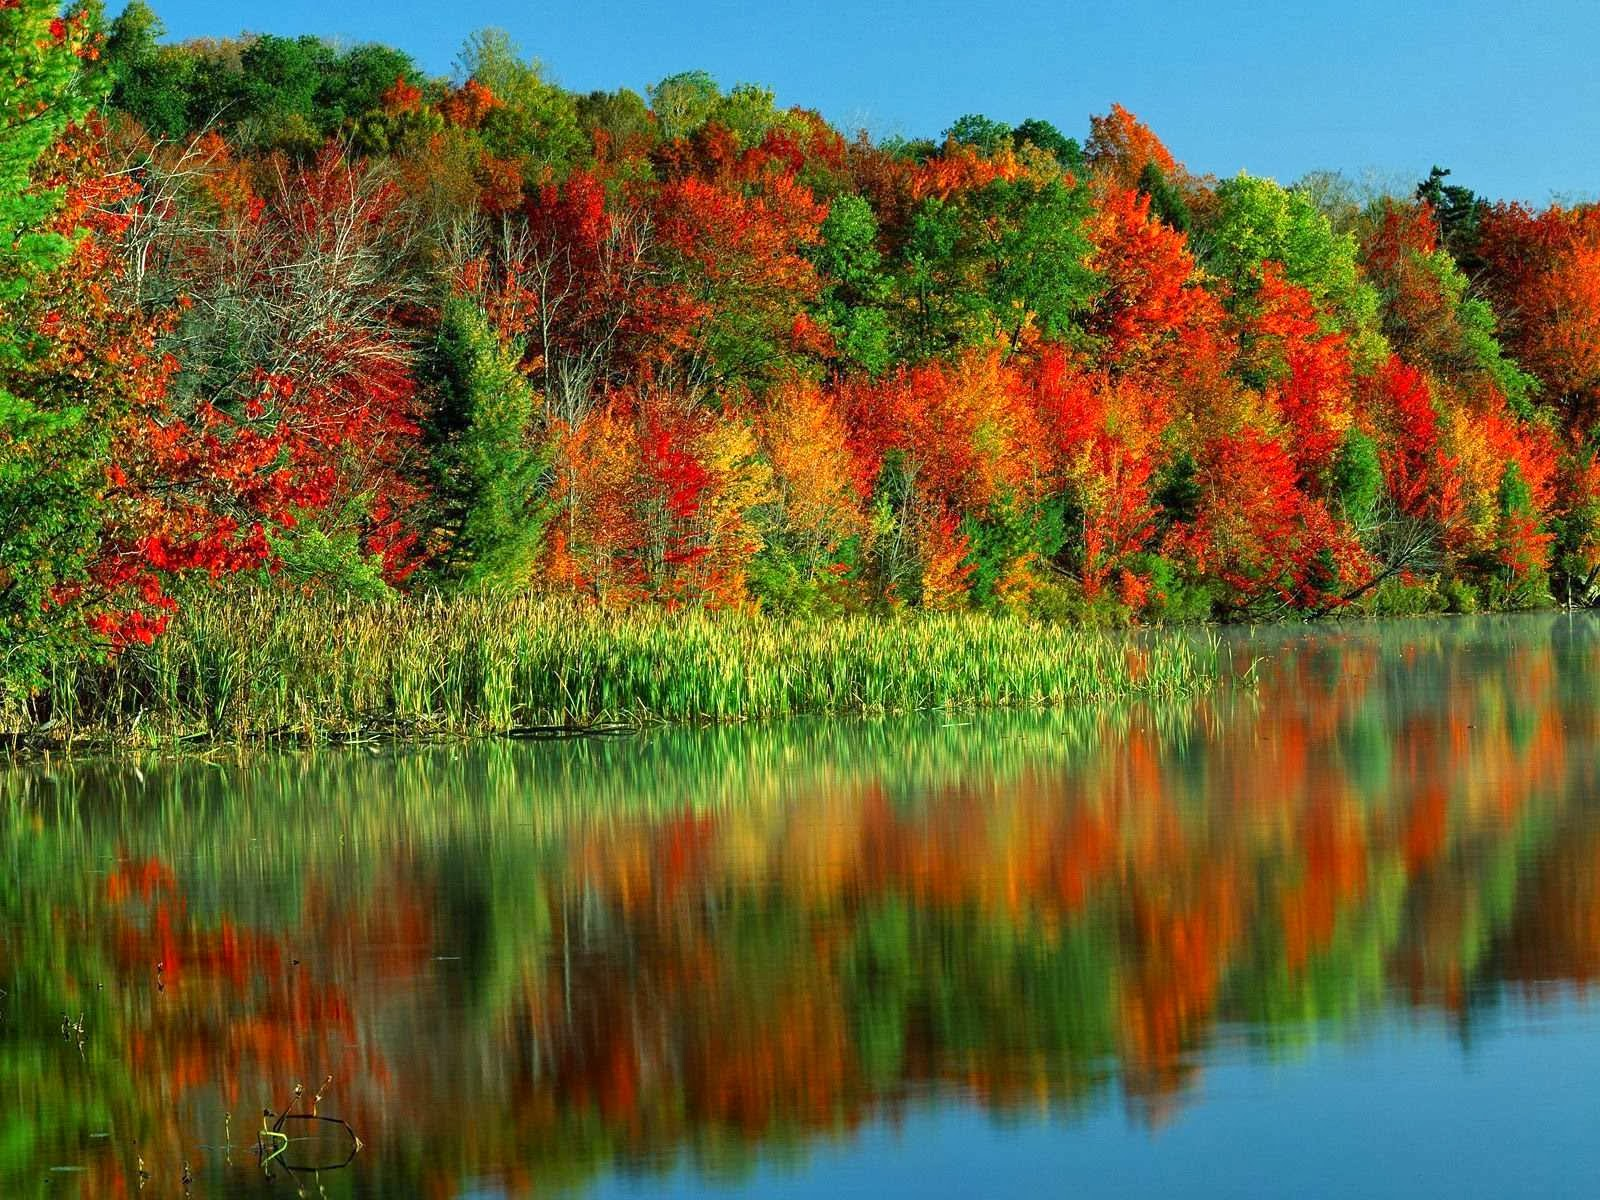 بالصور صور طبيعة جميلة , اجمل المناظر الطبيعيه الخلابة 505 4